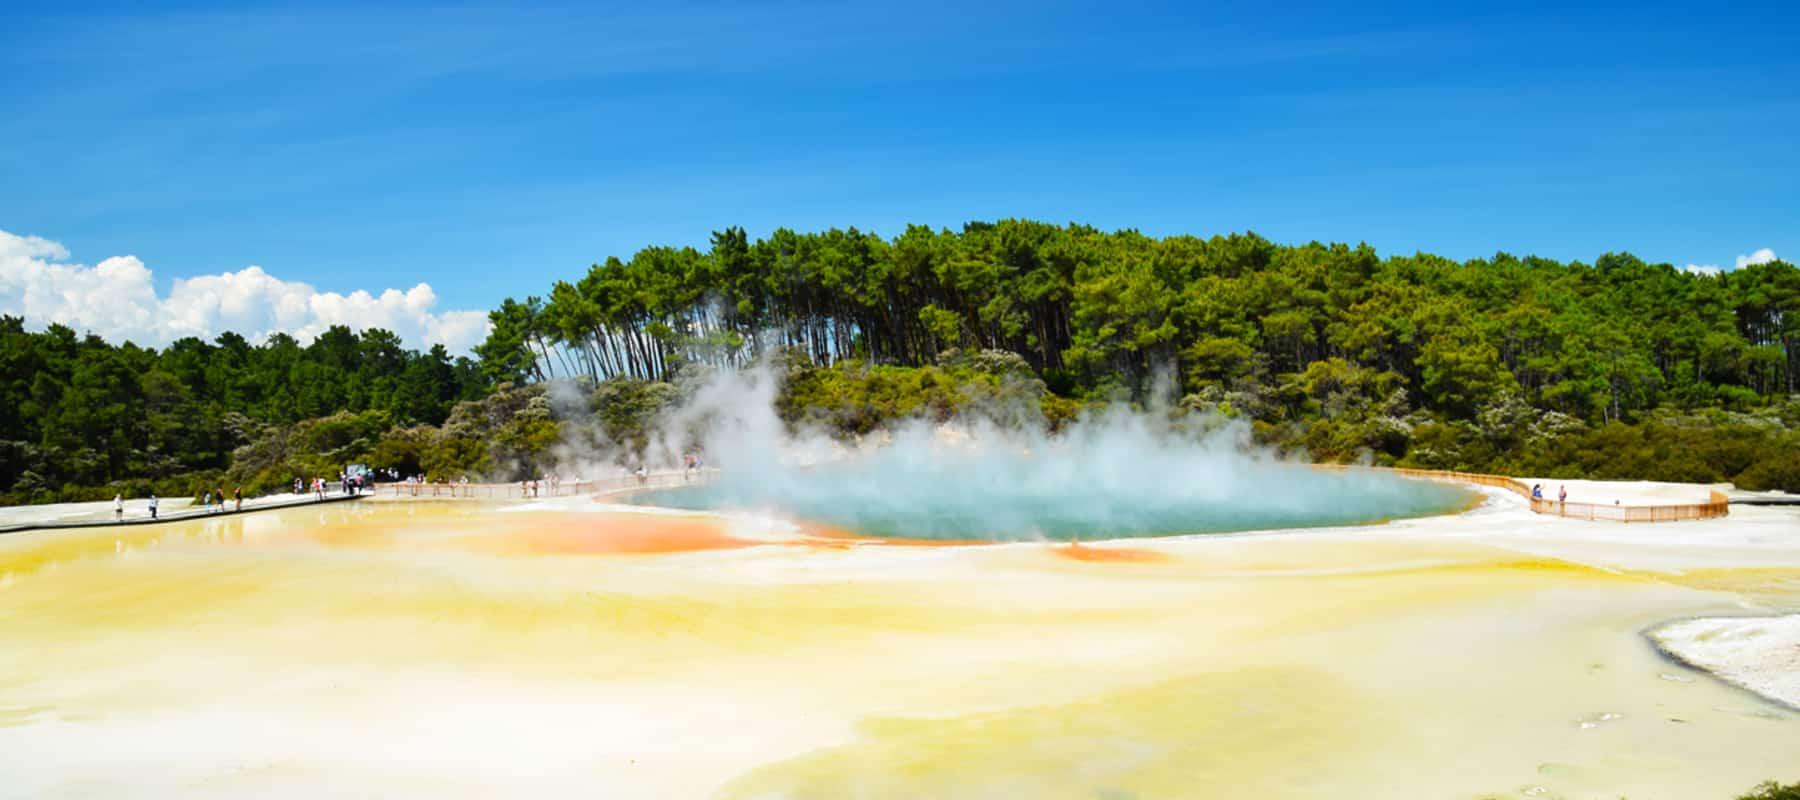 Wai-o-Tapu et Rotorua: vive la géothermie!